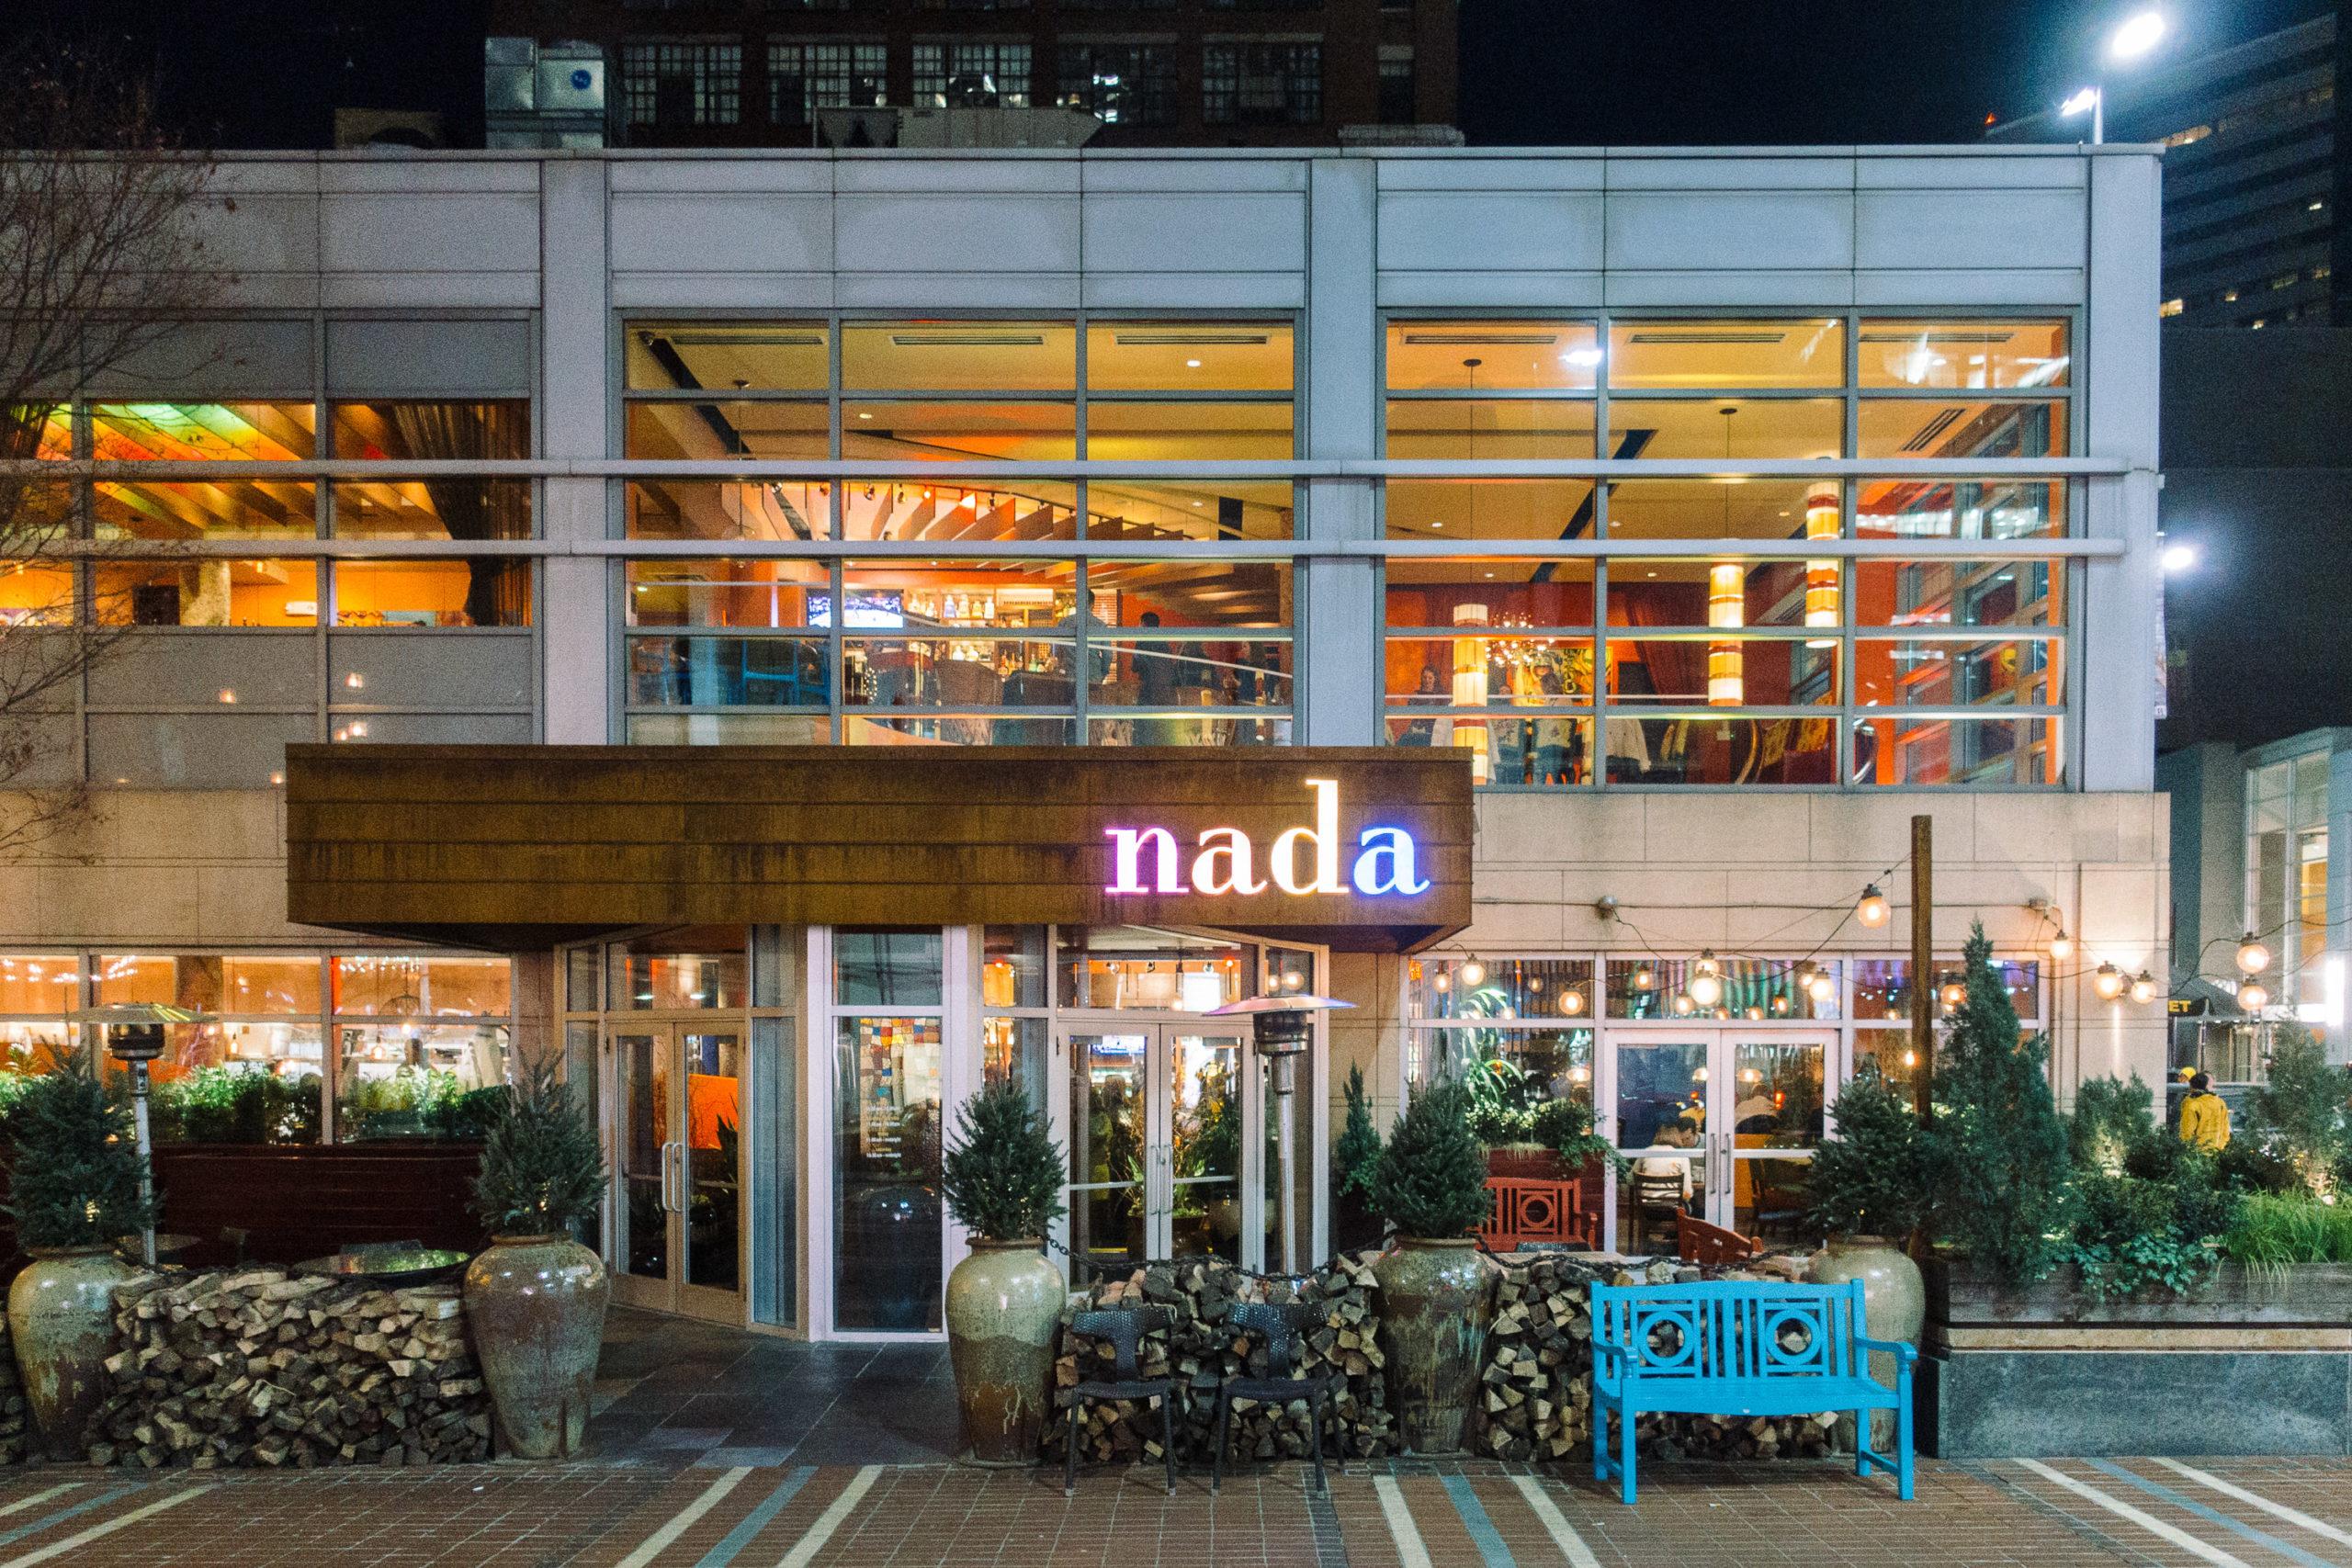 a restaurant exterior at night